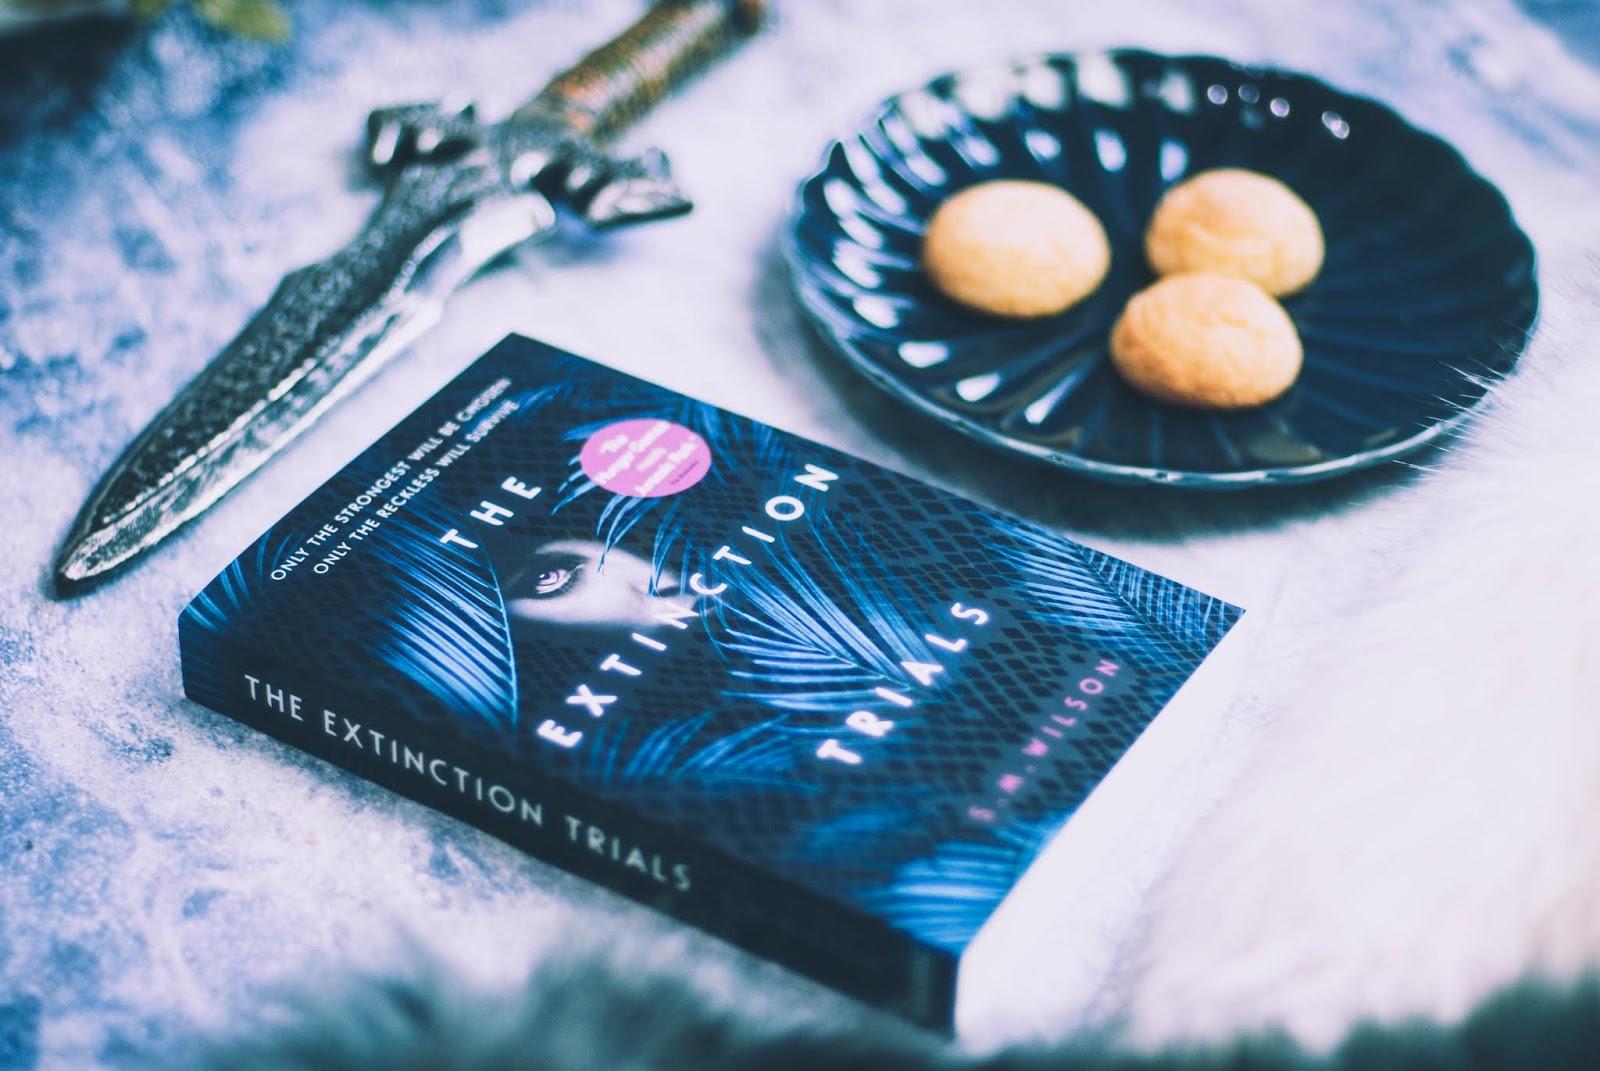 #readathon: hour thirteen